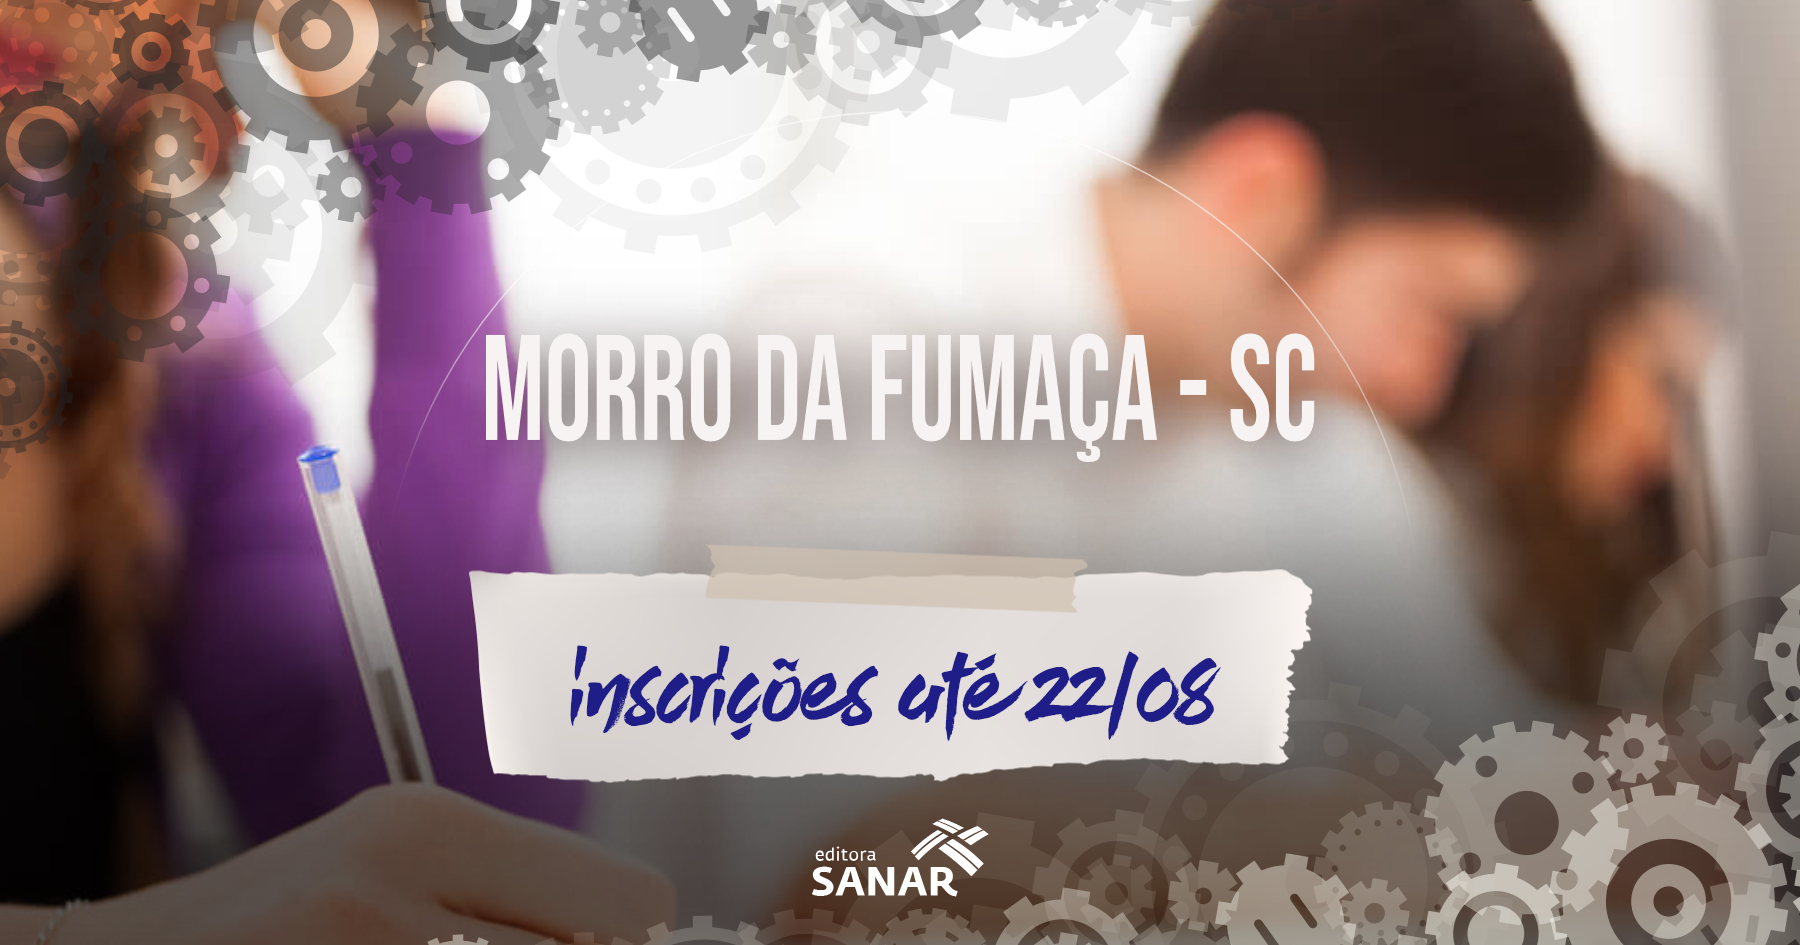 Concurso e Seleção | Morro da Fumaça (SC) divulga editais